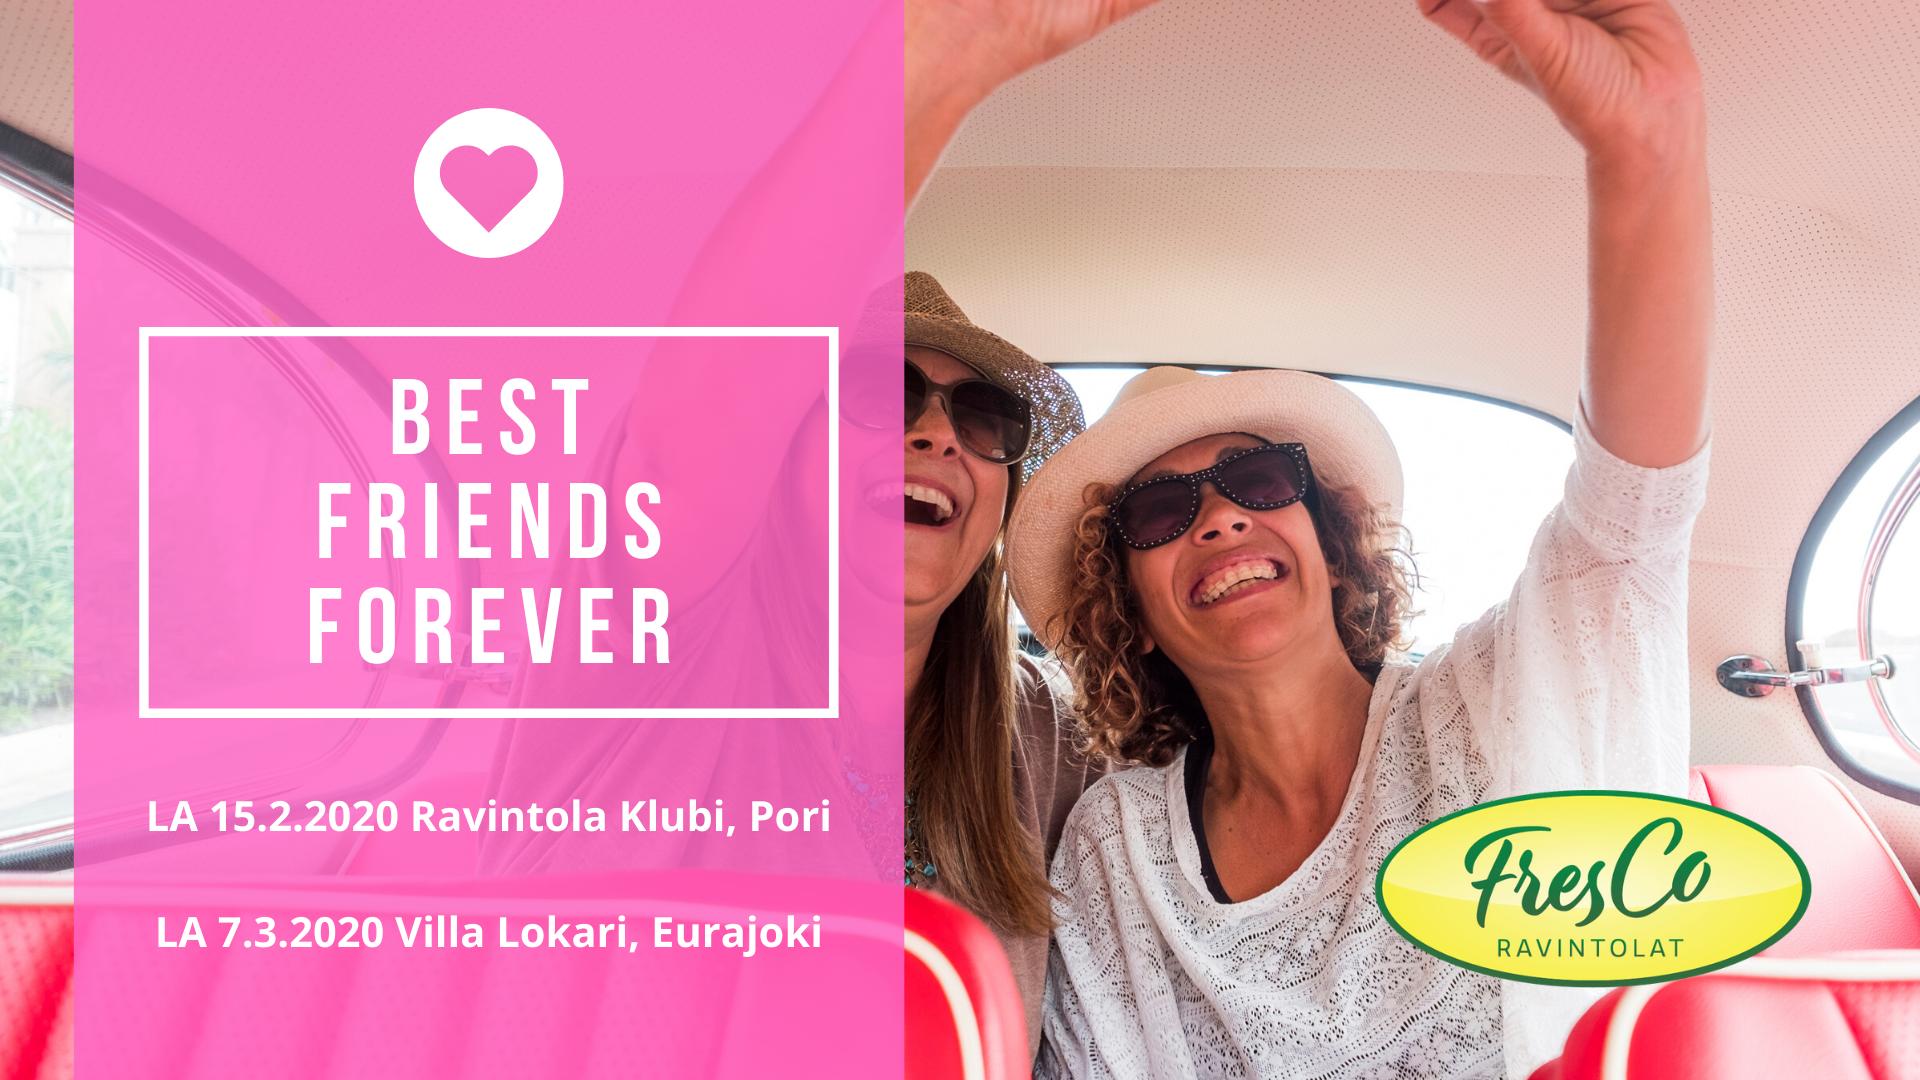 Best friends forever-illallisnäytös ravintola Klubilla 15.2.2020